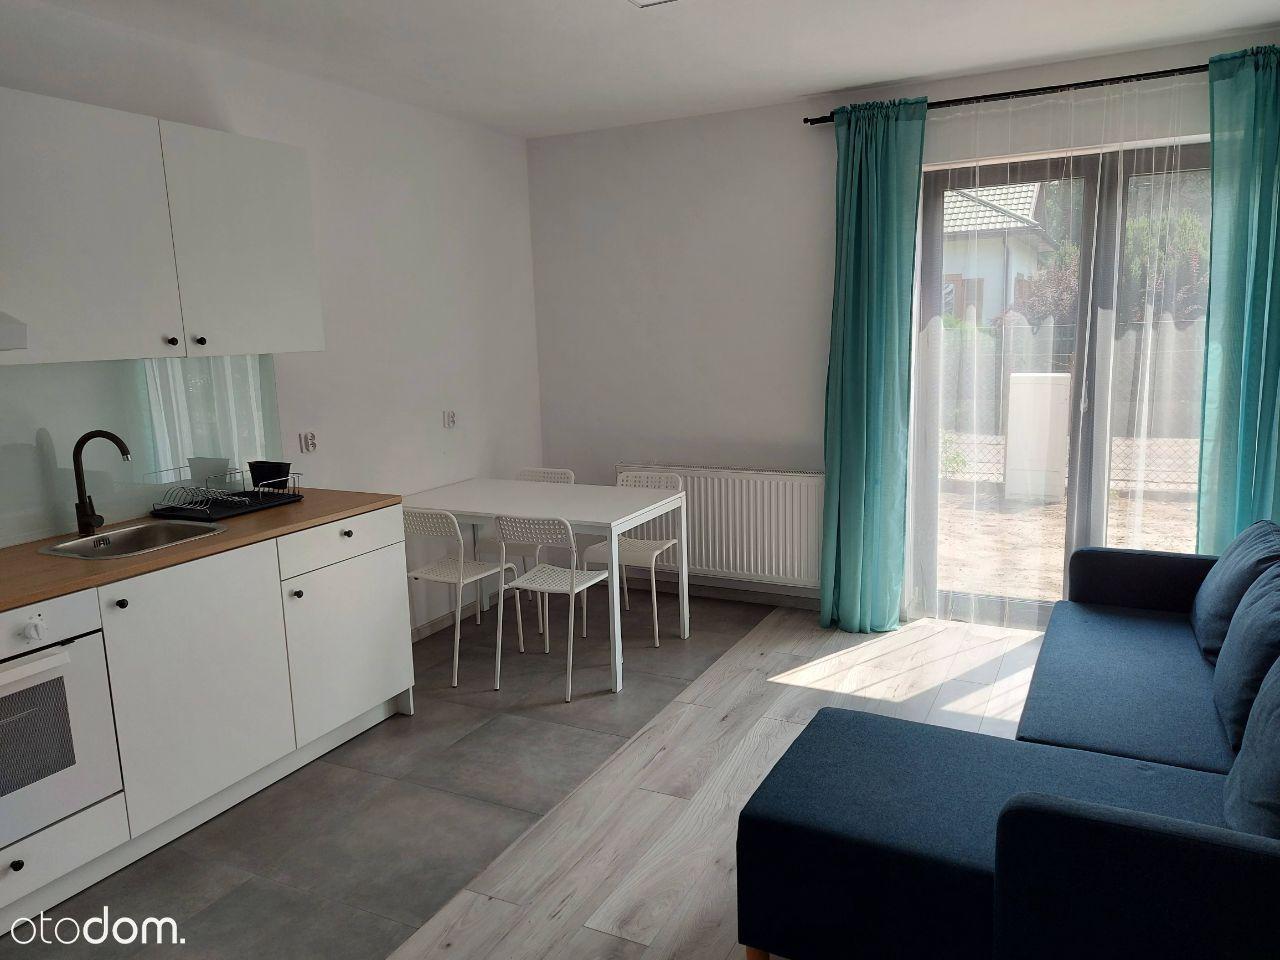 Mieszkanie do wynajęcia w Sulejówku